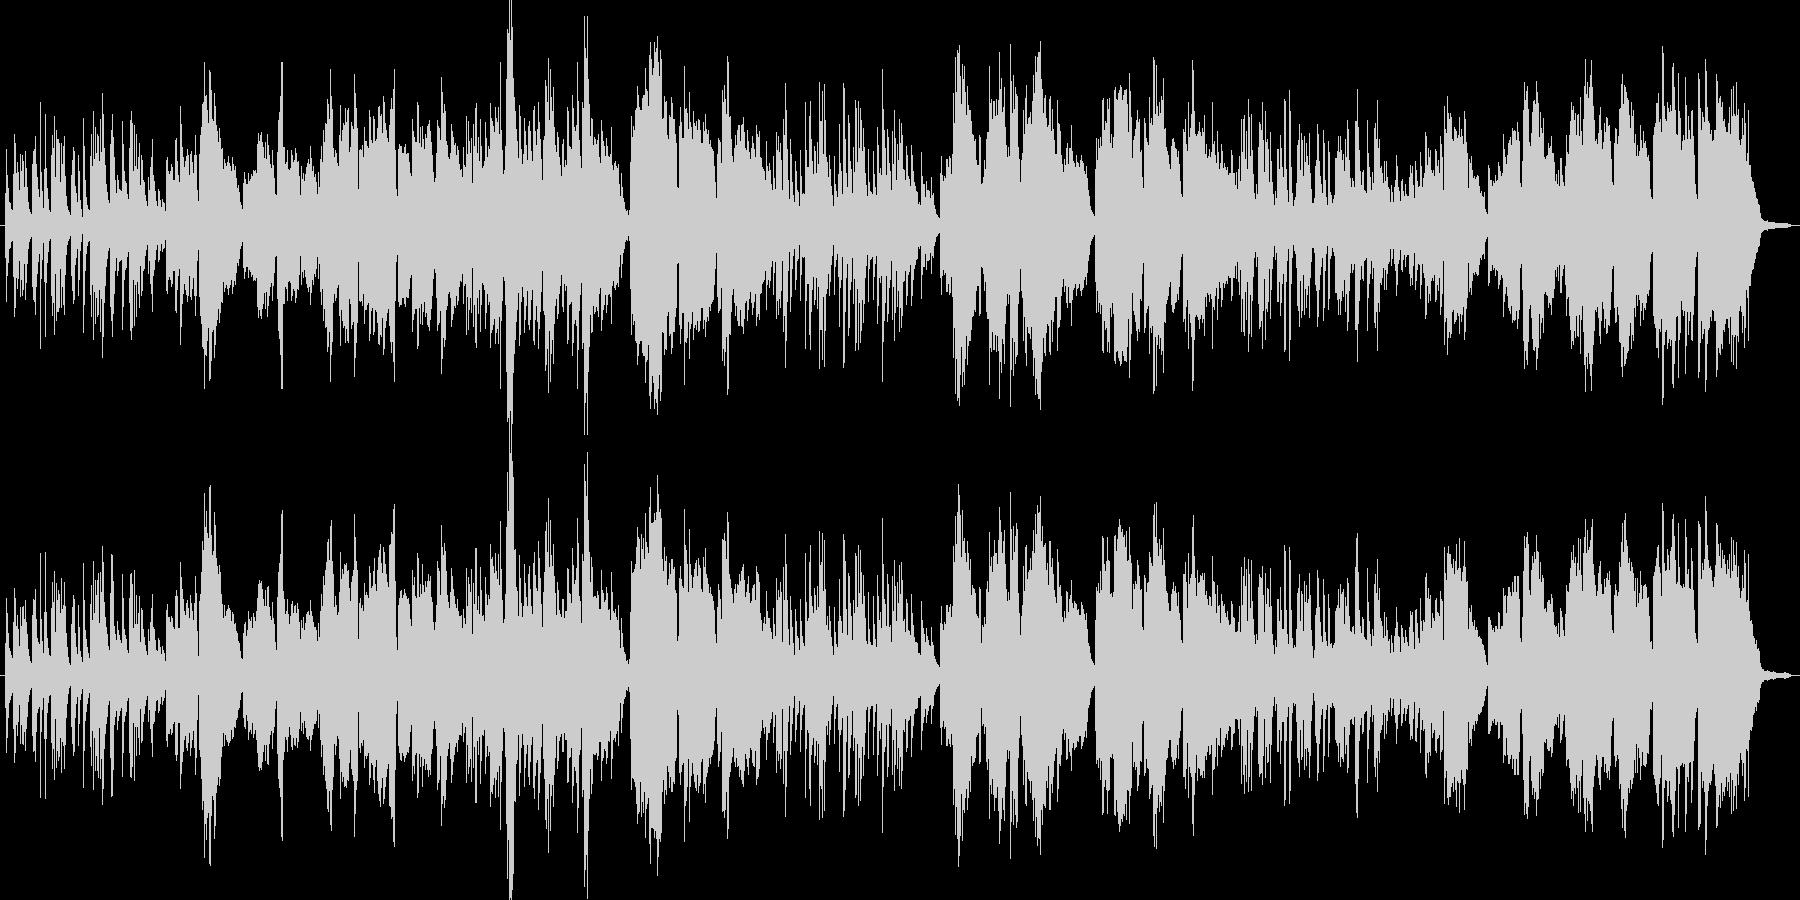 ピアノとボーカルのみのシンプルなアレン…の未再生の波形